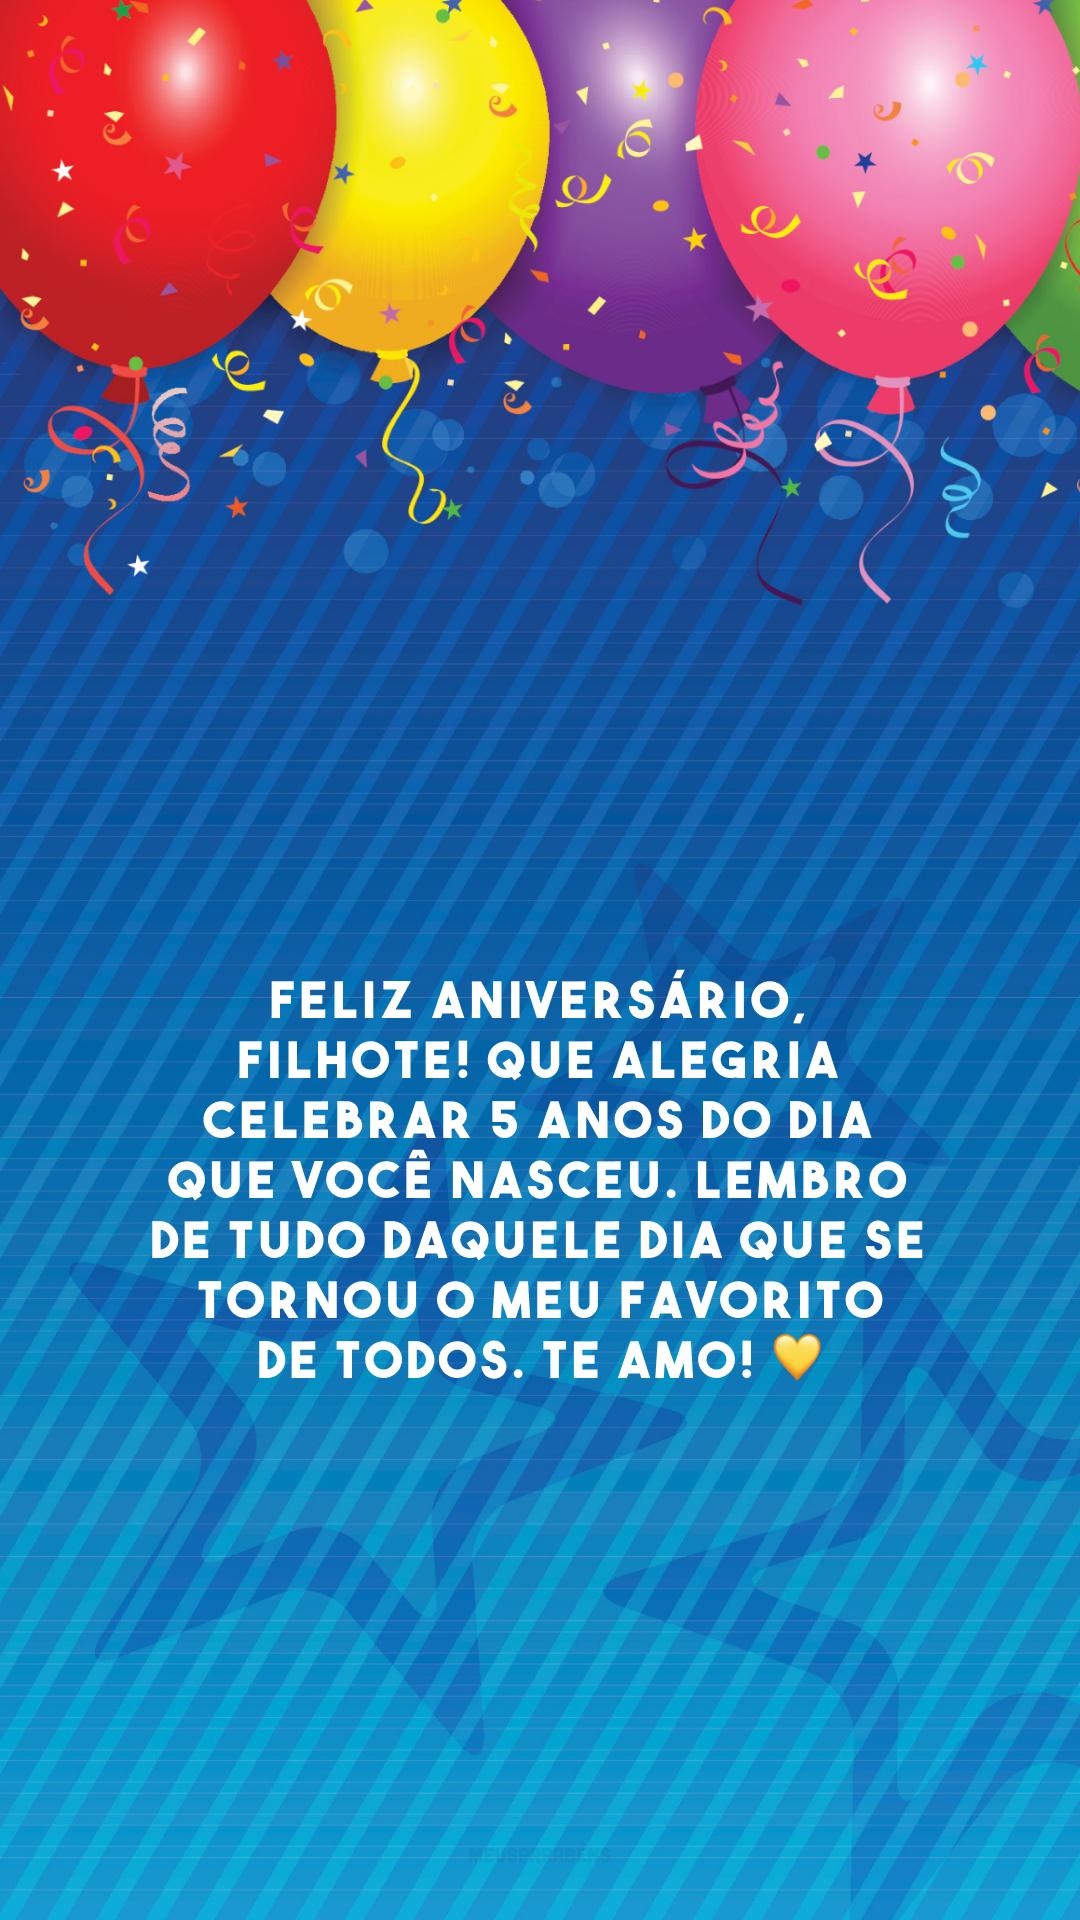 Feliz aniversário, filhote! Que alegria celebrar 5 anos do dia que você nasceu. Lembro de tudo daquele dia que se tornou o meu favorito de todos. Te amo!